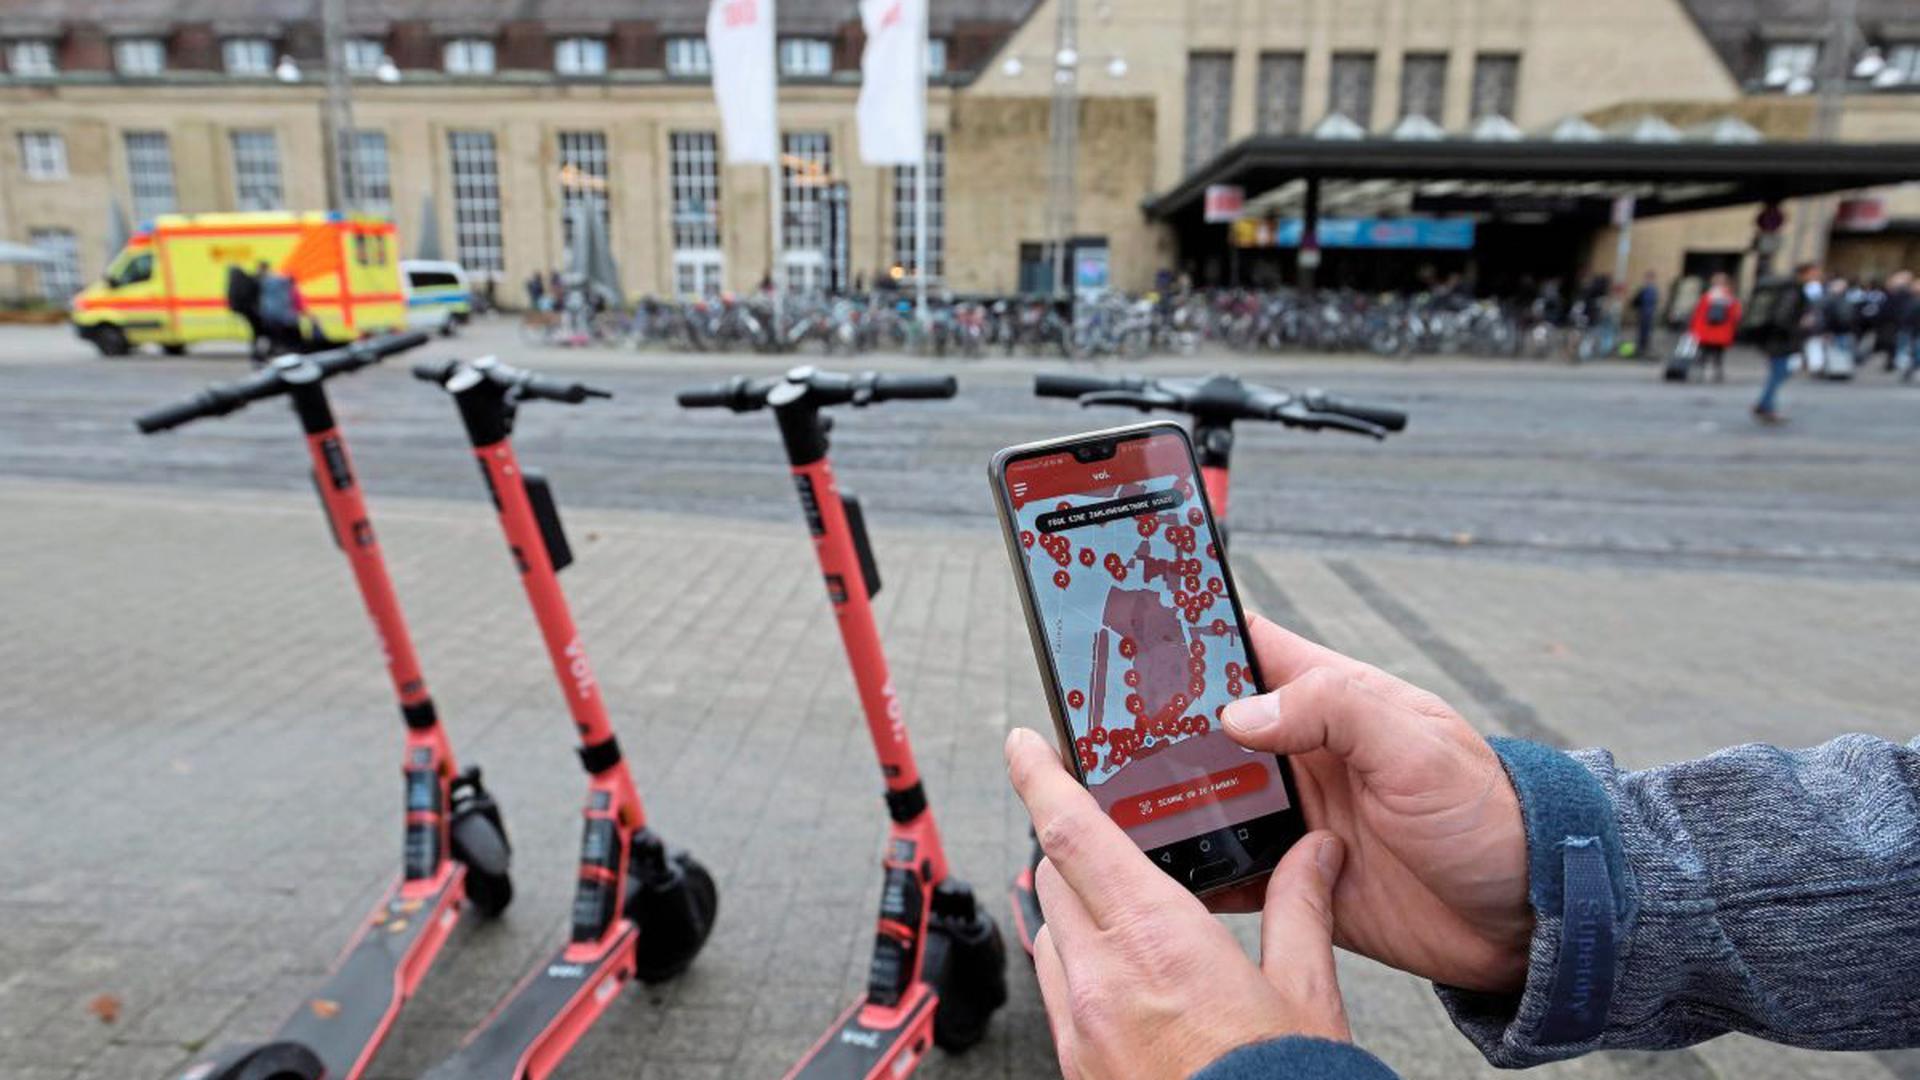 Per App kann man in Karlsruhe seit Mitte September 2018 einen E-Scooter mieten. Nach vier Wochen sehen Polizei und Ordnungsamt kaum Probleme durch die neuen Verkehrsteilnehmer.